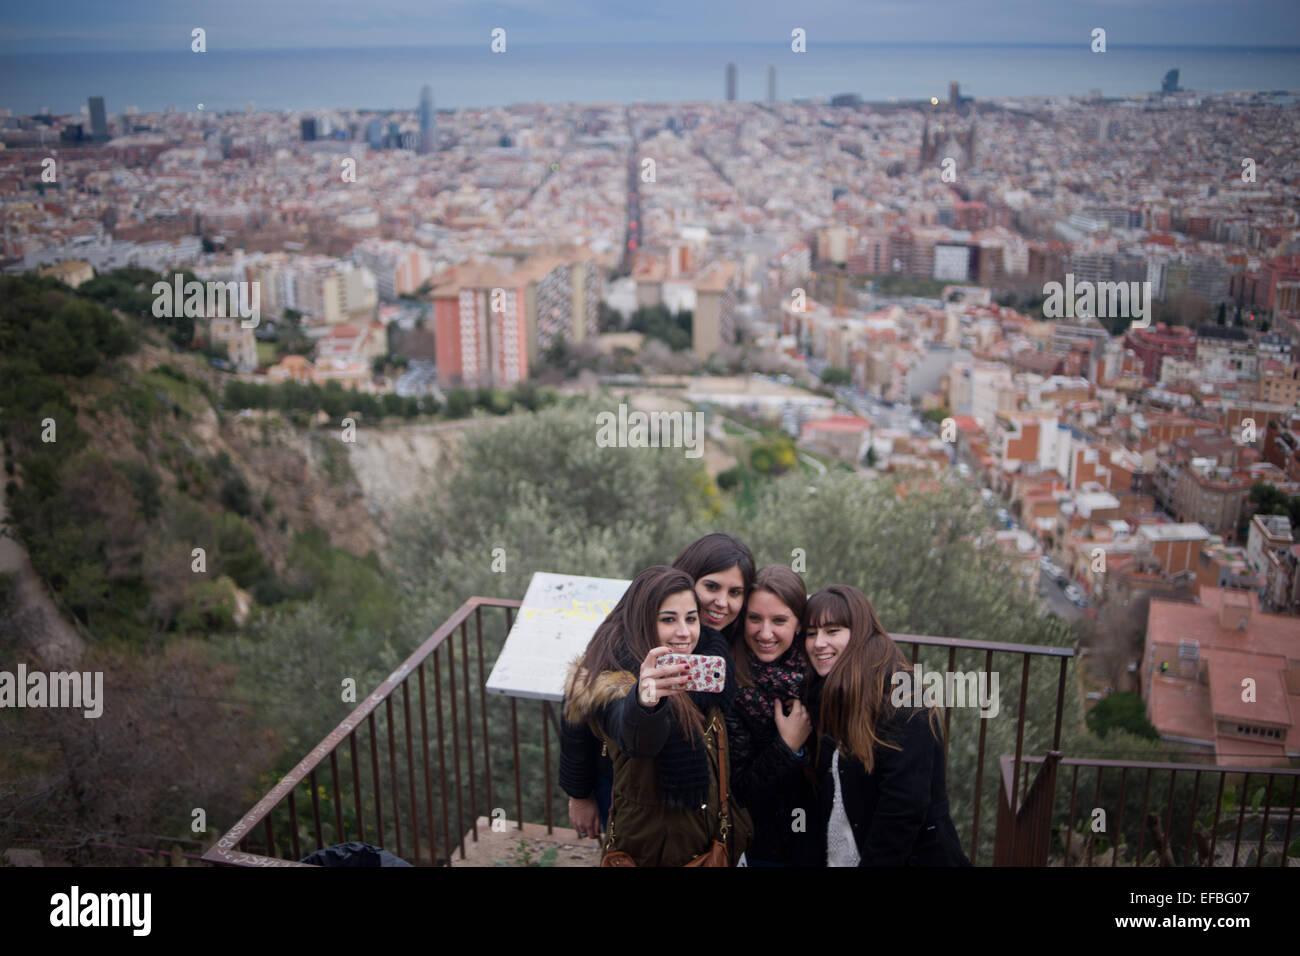 Jan 07 selfie